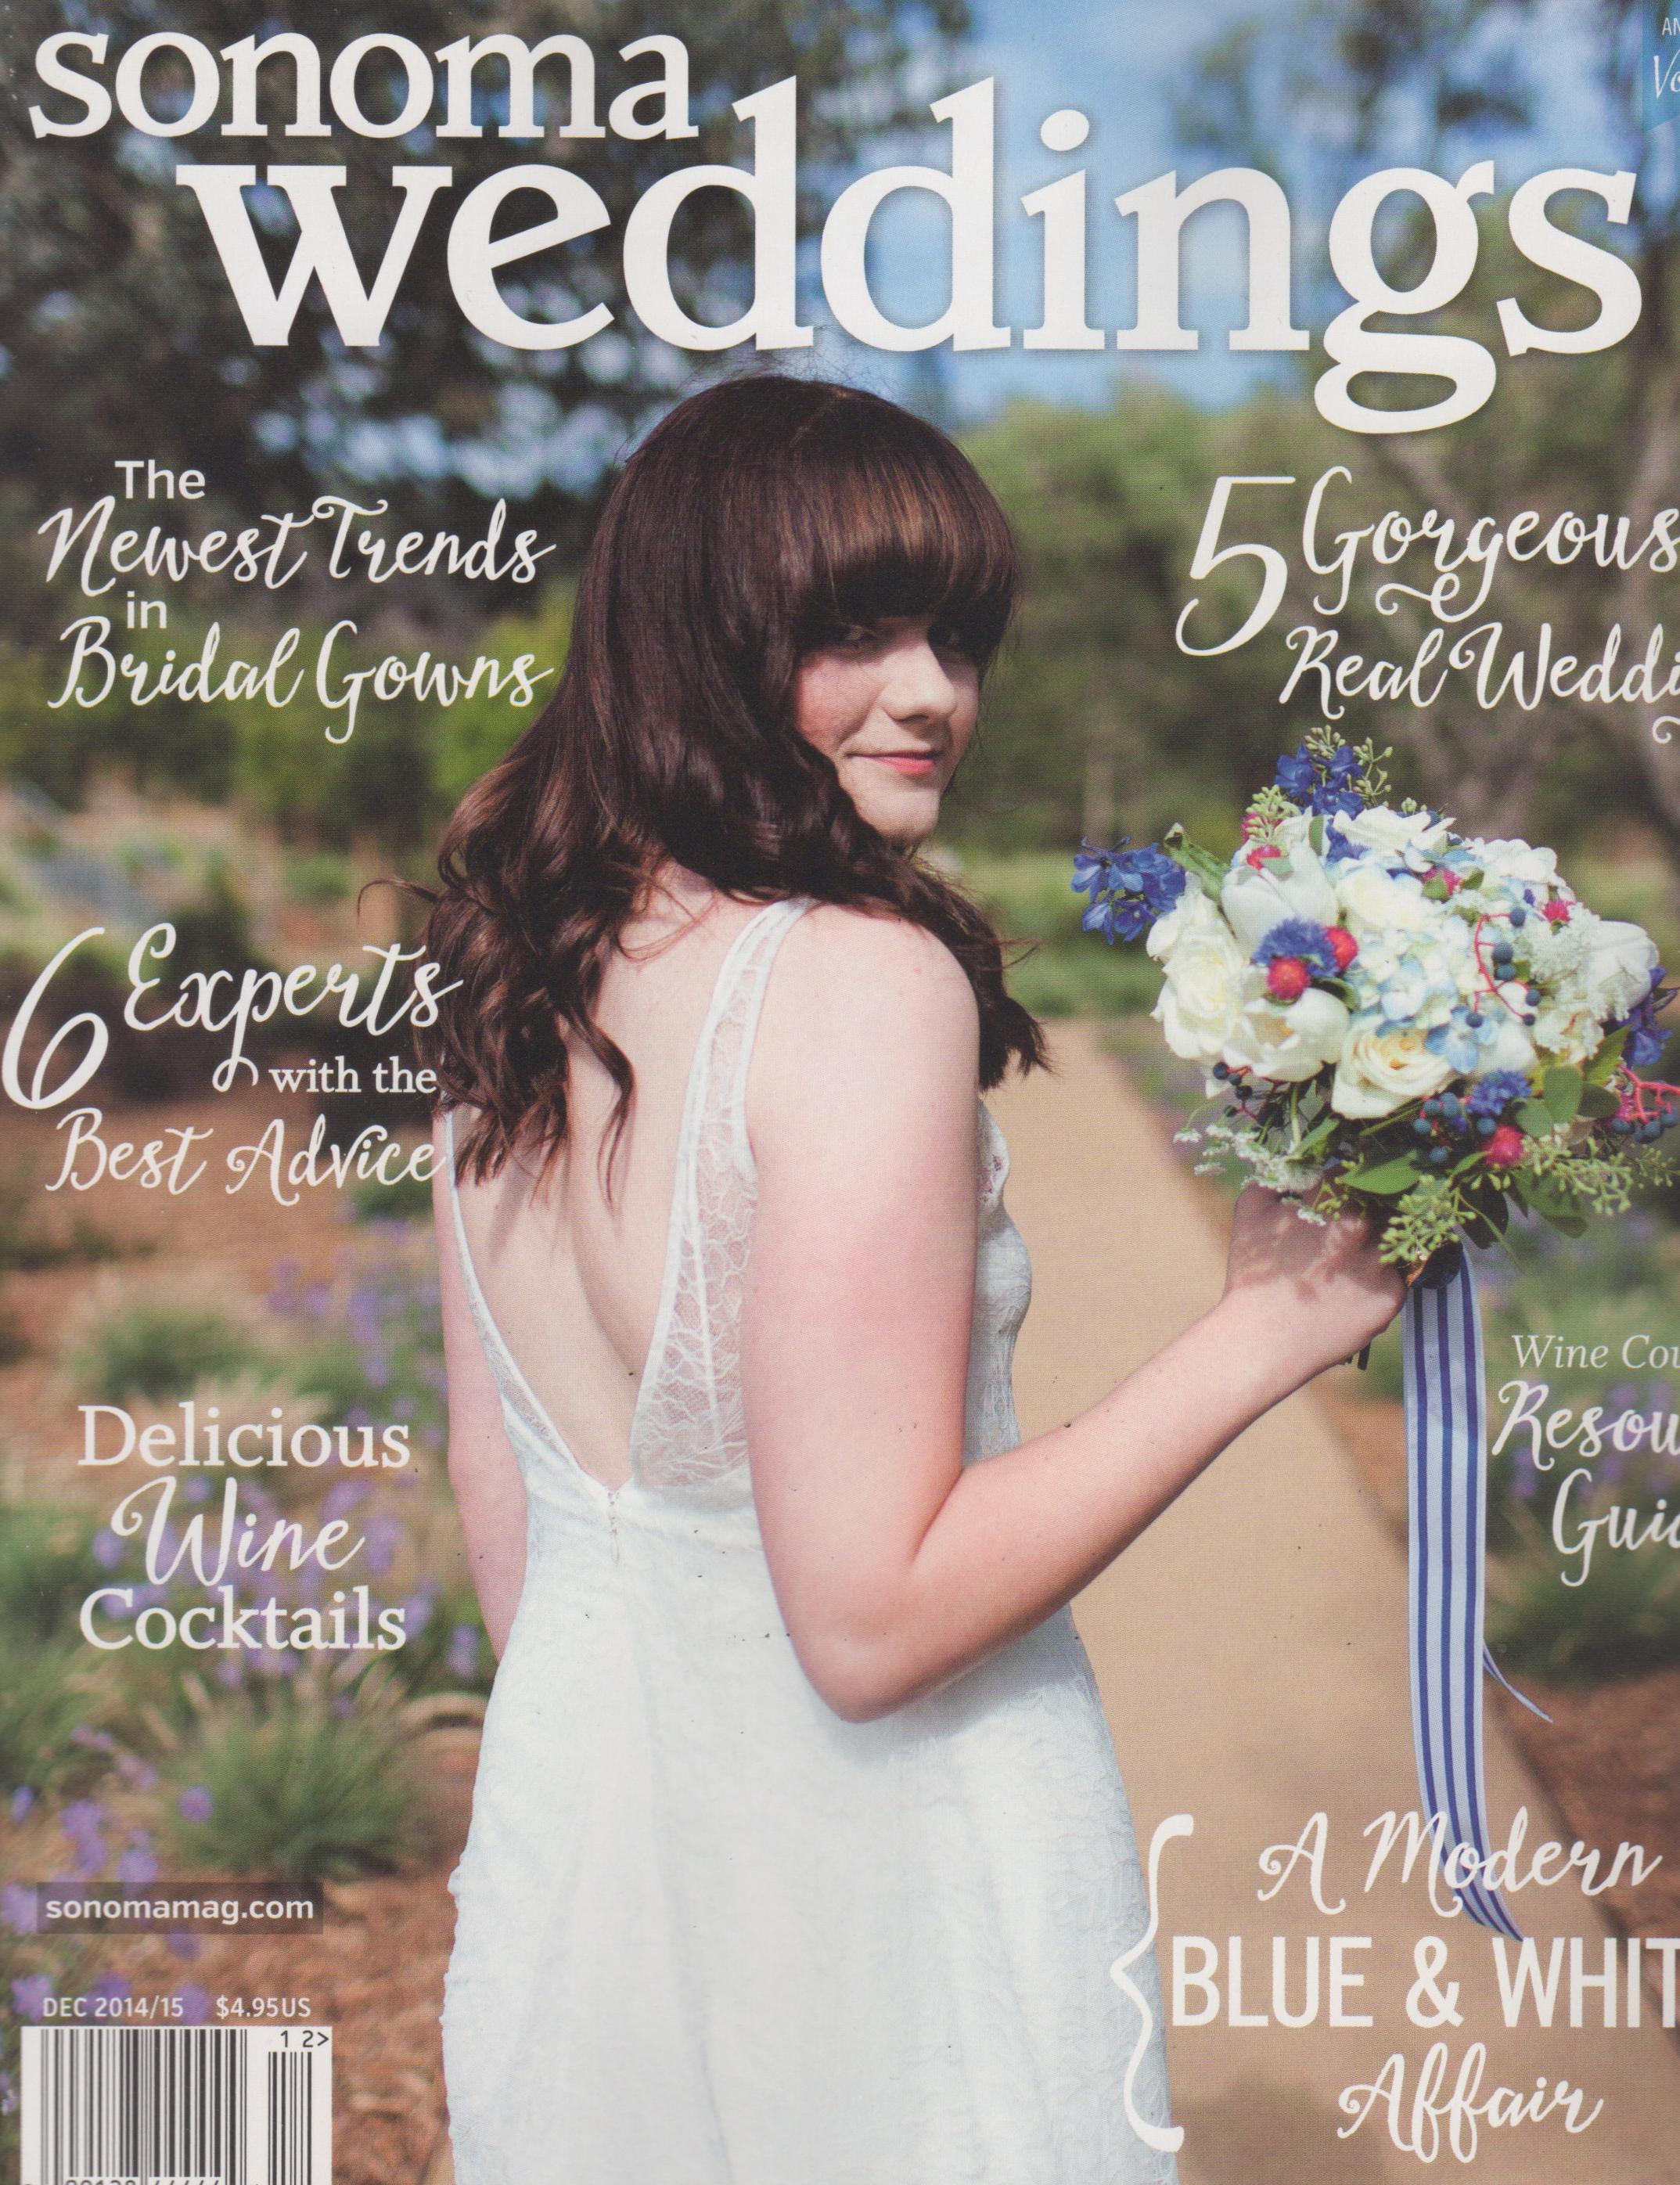 megan clouse magazine covers-2.jpg